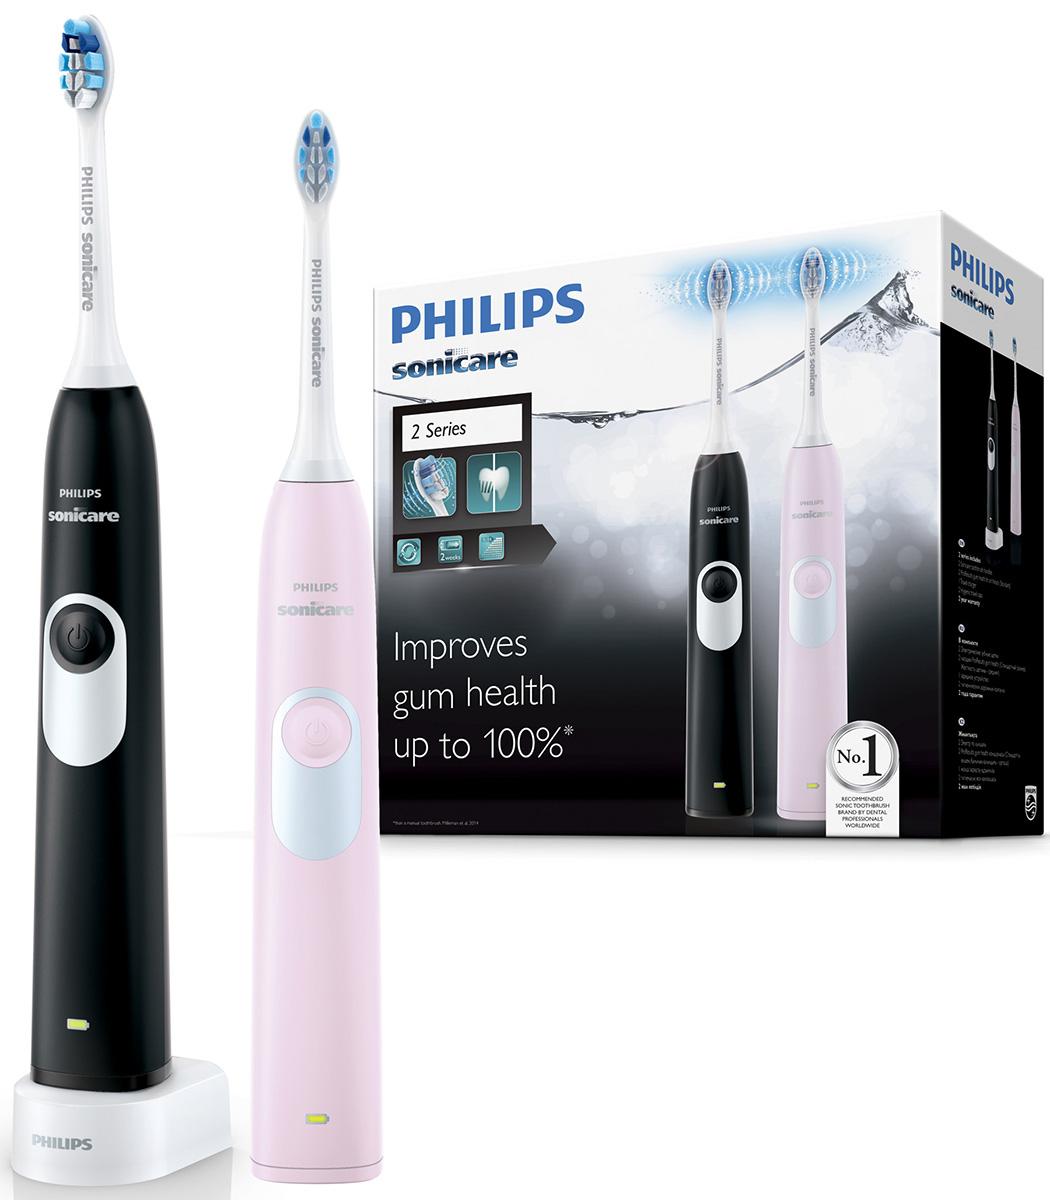 Philips Sonicare 2 Series gum health HX6232/41 набор из 2 электрических зубных щетокHX6232/41Звуковая зубная щётка Philips Sonicare может улучшить состояние дёсен на 100 %. Она обеспечивает превосходное удаление налёта и тщательную очистку межзубных промежутков для улучшения здоровья дёсен - это более здоровые дёсны, чем при использовании обычной зубной щётки. Динамический поток жидкости, создаваемый Sonicare, очищает межзубные промежутки. Фиксируемая под углом к рукоятке чистящая насадка для более качественной чистки задних зубов и более эффективная чистка труднодоступных участков по сравнению с обычными зубными щётками. Безопасно для ортодонтических скоб, пломб и виниров. В комплекте 2 зубных щётки с насадками ProResults!; №1 бренд звуковых зубных щеток рекомендуемый стоматологами всего мира. На основании опроса более 4500 зубных врачей, Приоритиз Ресерч, 2012. Более 20 лет клинических исследований SonicareИрригационный эффект технологии Sonicare способствует более качественному удалению зубного налета из труднодоступных участков полости рта и вдоль линии десен. Удаляет до 7 раз больше налета по сравнению с обычной зубной щеткой*.Таймер с интервалом Quadpacer обеспечивает тщательную чистку всей полости рта. Каждые 30 секунд зубная щетка издает сигнал, подсказывающий, что следует перейти к следующему участку. Аккуратные движения щетинок зубной щетки Philips Sonicare безопасны для пломб, а также для ортодонтических скоб, имплантатов и виниров, поэтому вы можете не беспокоиться о результатах чистки.2-минутный режим Clean (Чистка) обеспечивает эффективное удаление налета (время чистки, рекомендованное стоматологами). Режим White (Отбеливание) удаляет потемнения с поверхности эмали, отбеливает и полирует зубы. Борется с налетом от кофе, чая, табака и красного вина.Электрические зубные щетки. Статья OZON Гид